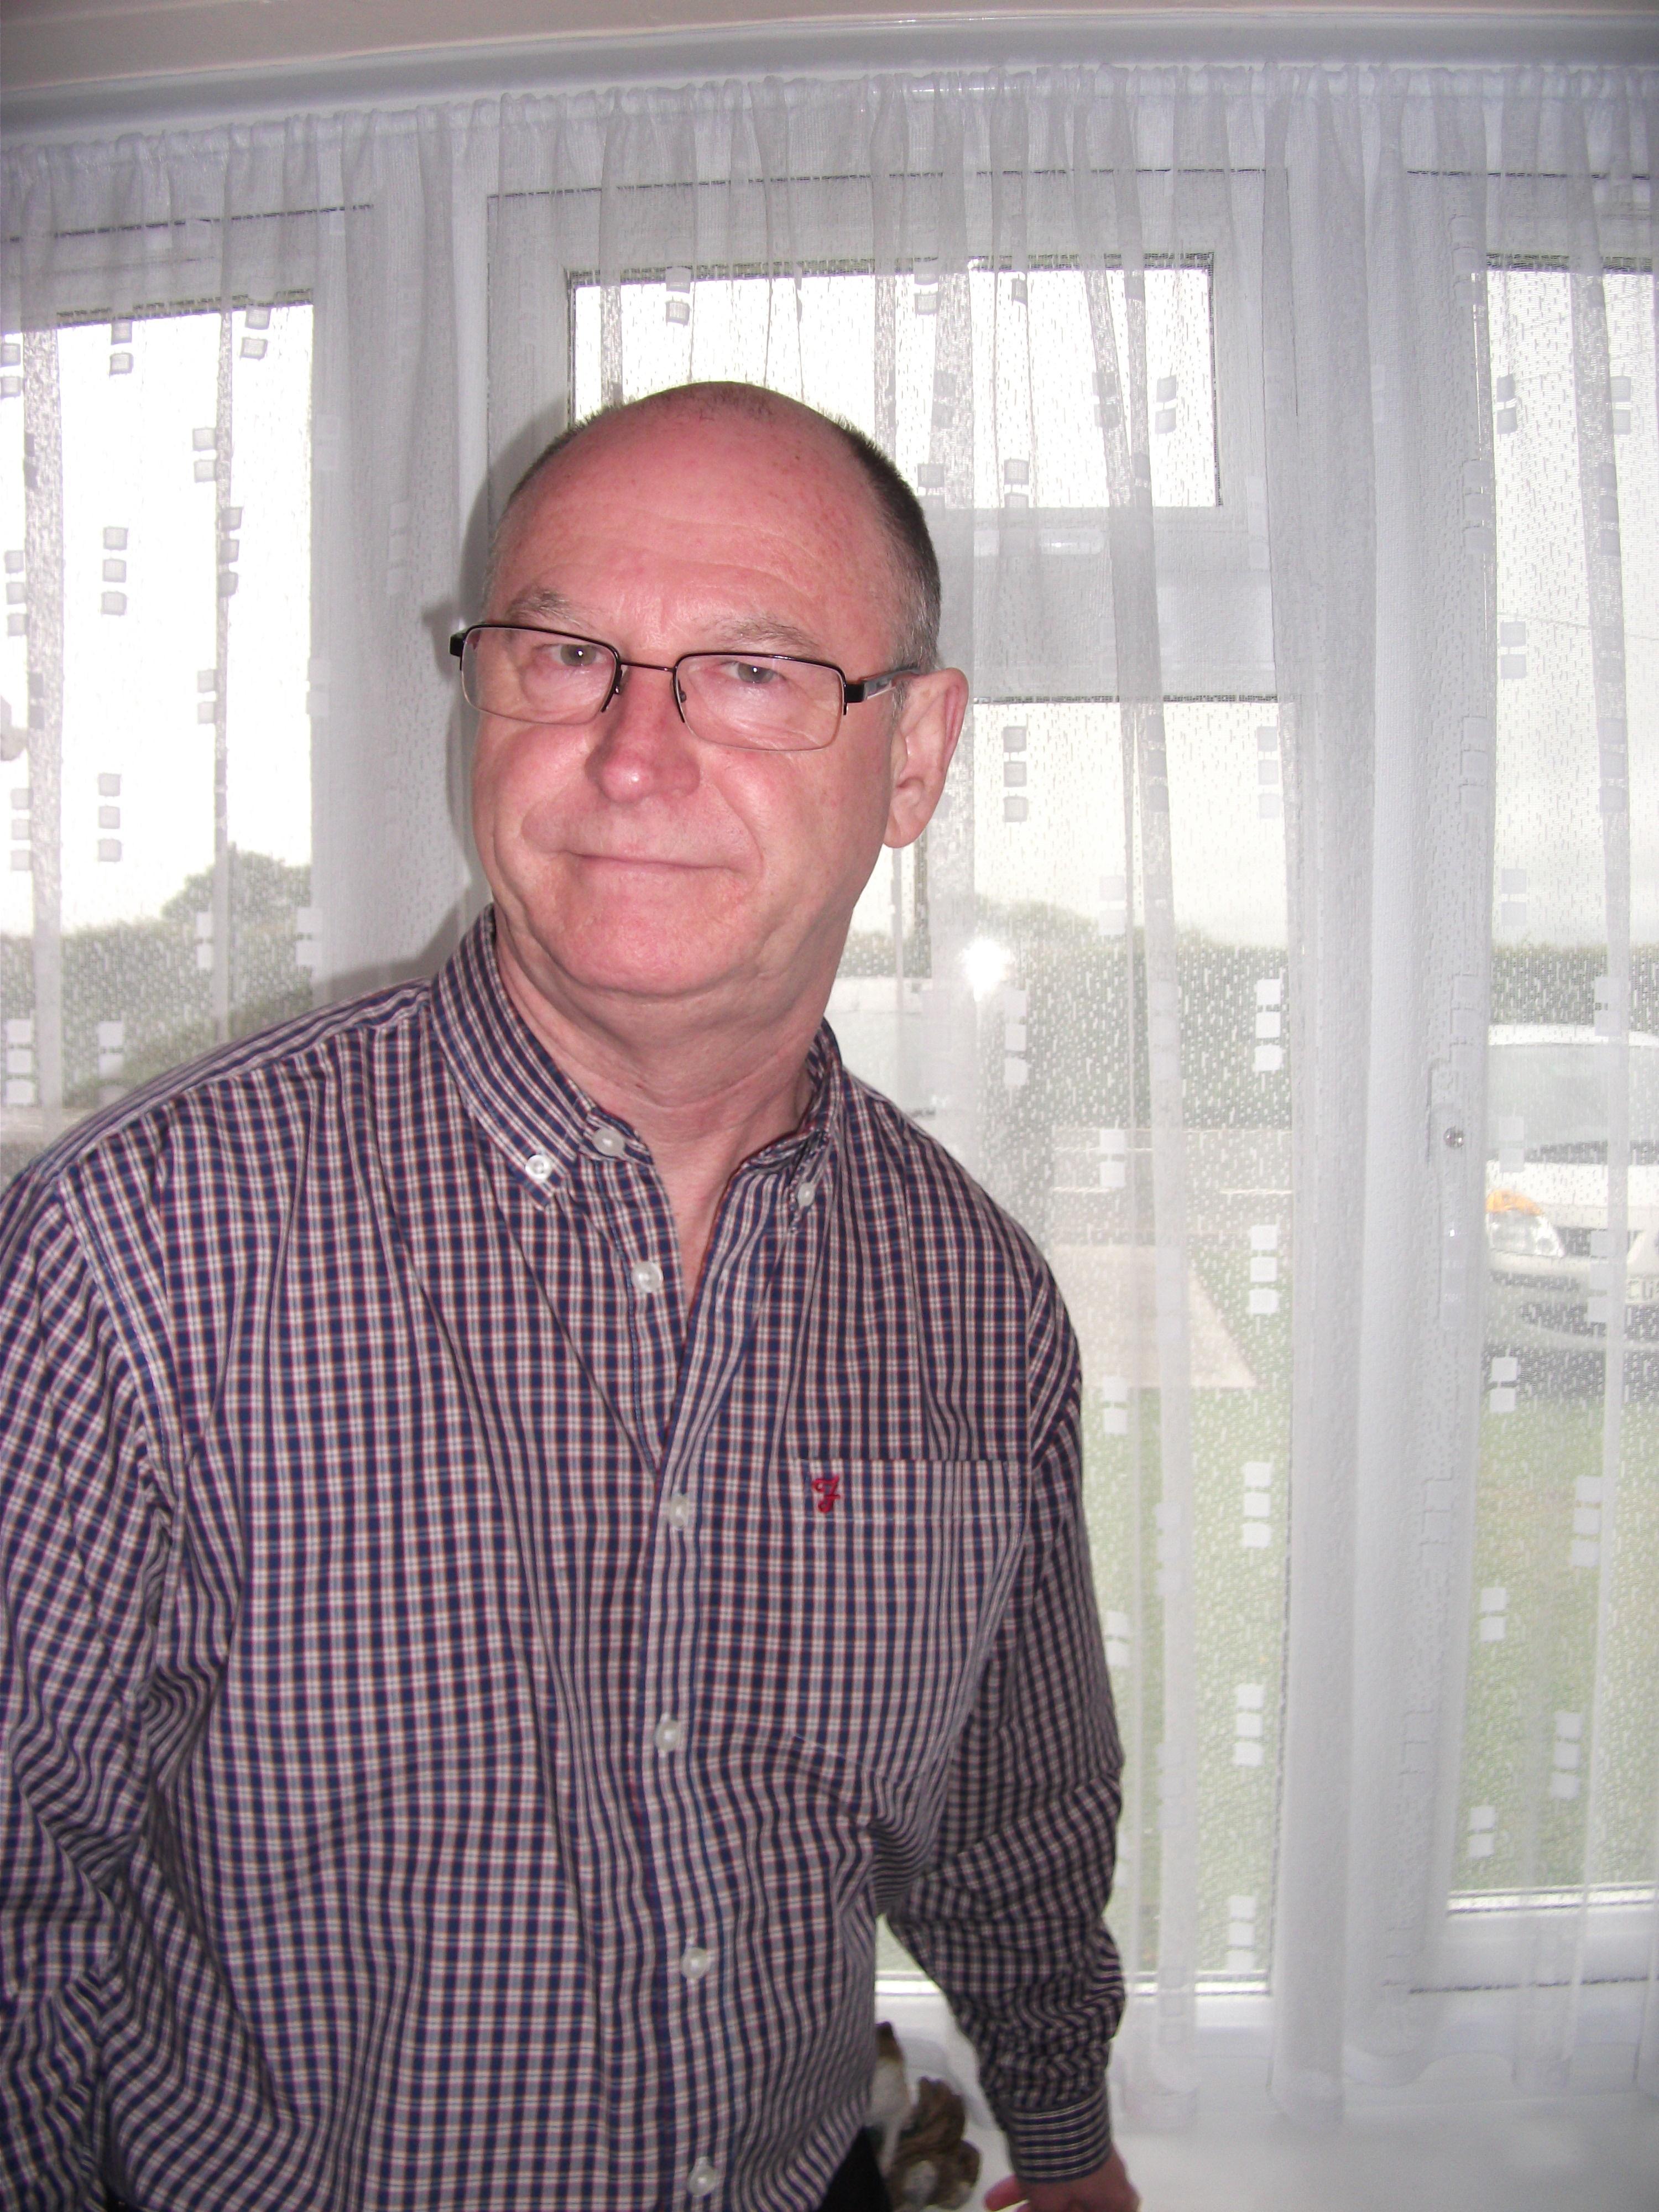 Peter Prog